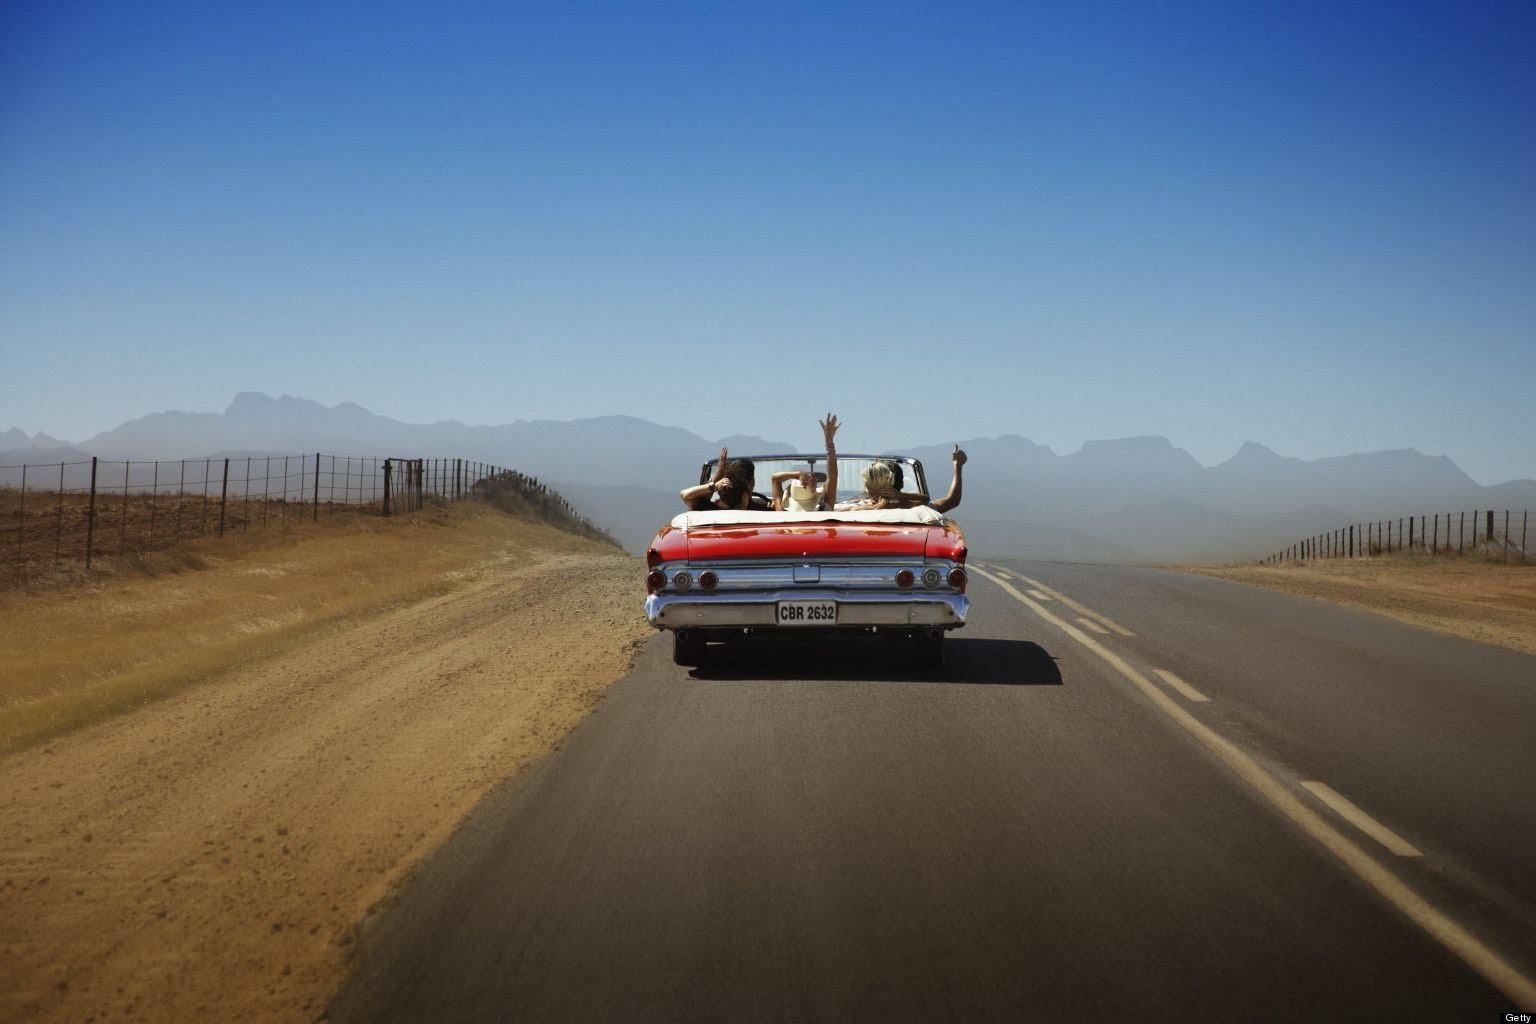 roadtrip voyage